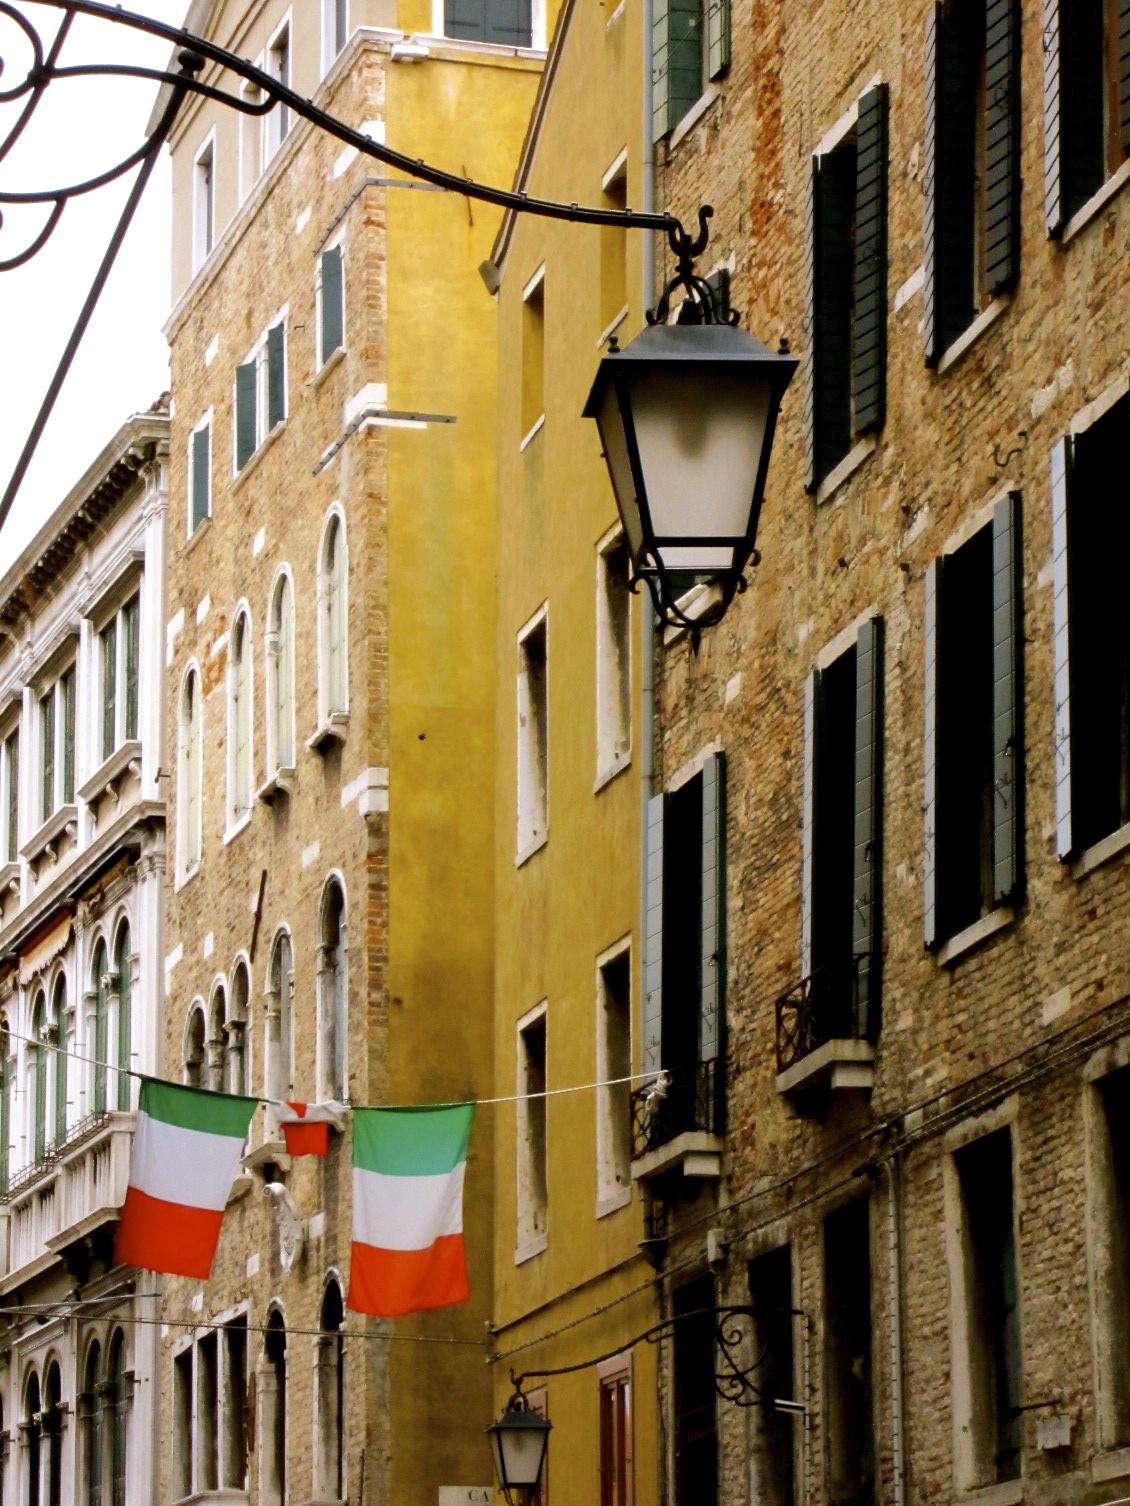 VeniceLamp.jpg